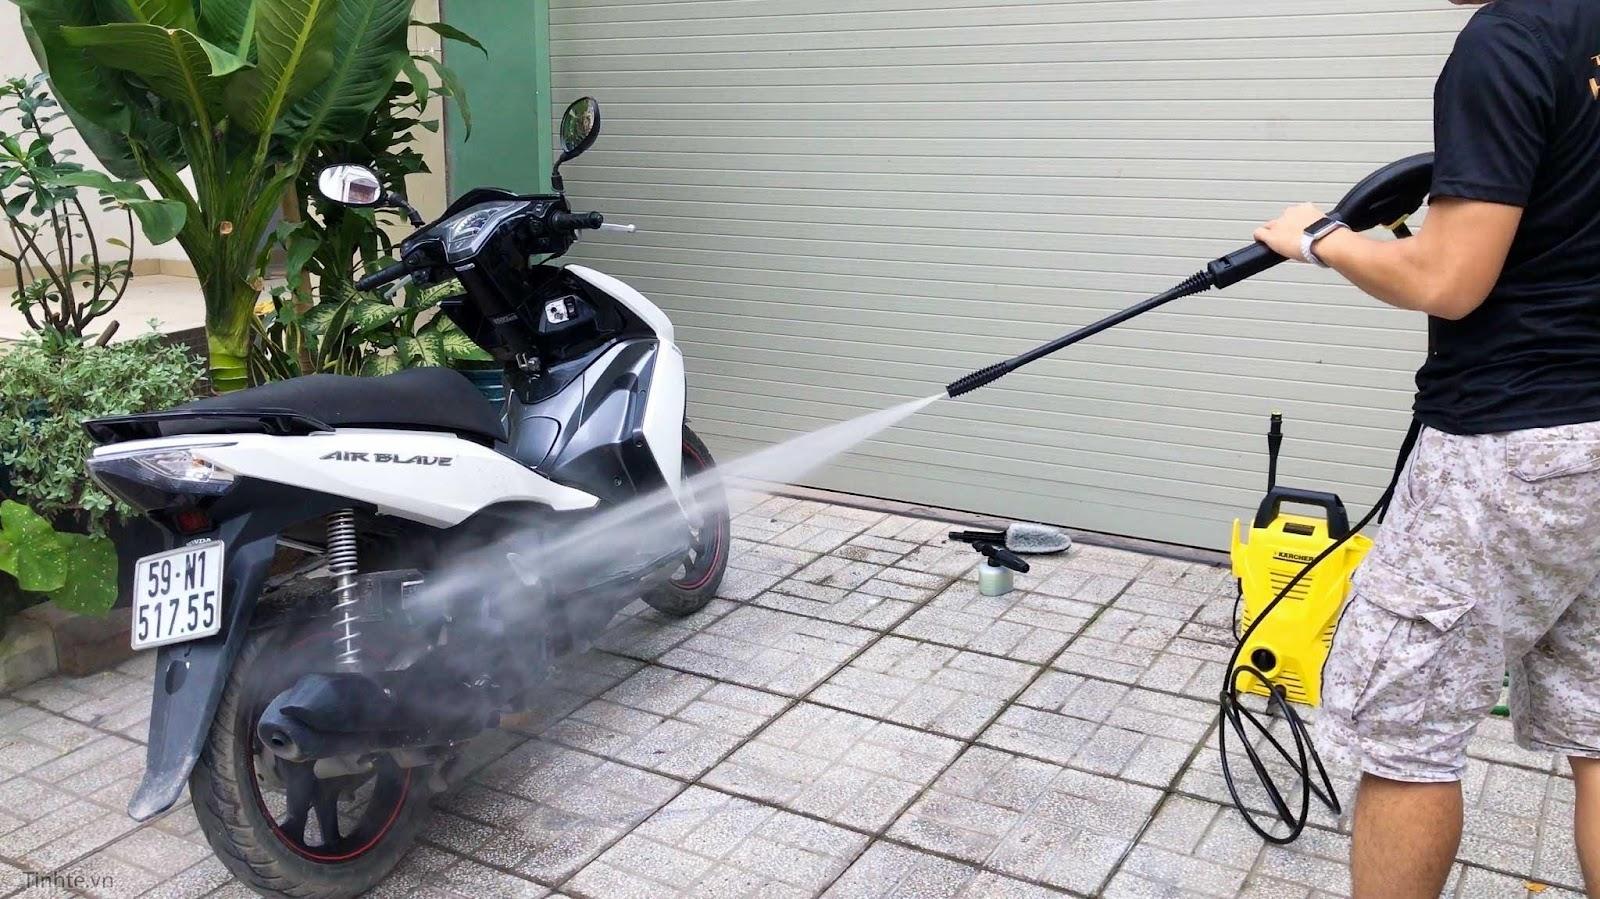 Kết quả hình ảnh cho mua máy rửa xe tại nhà